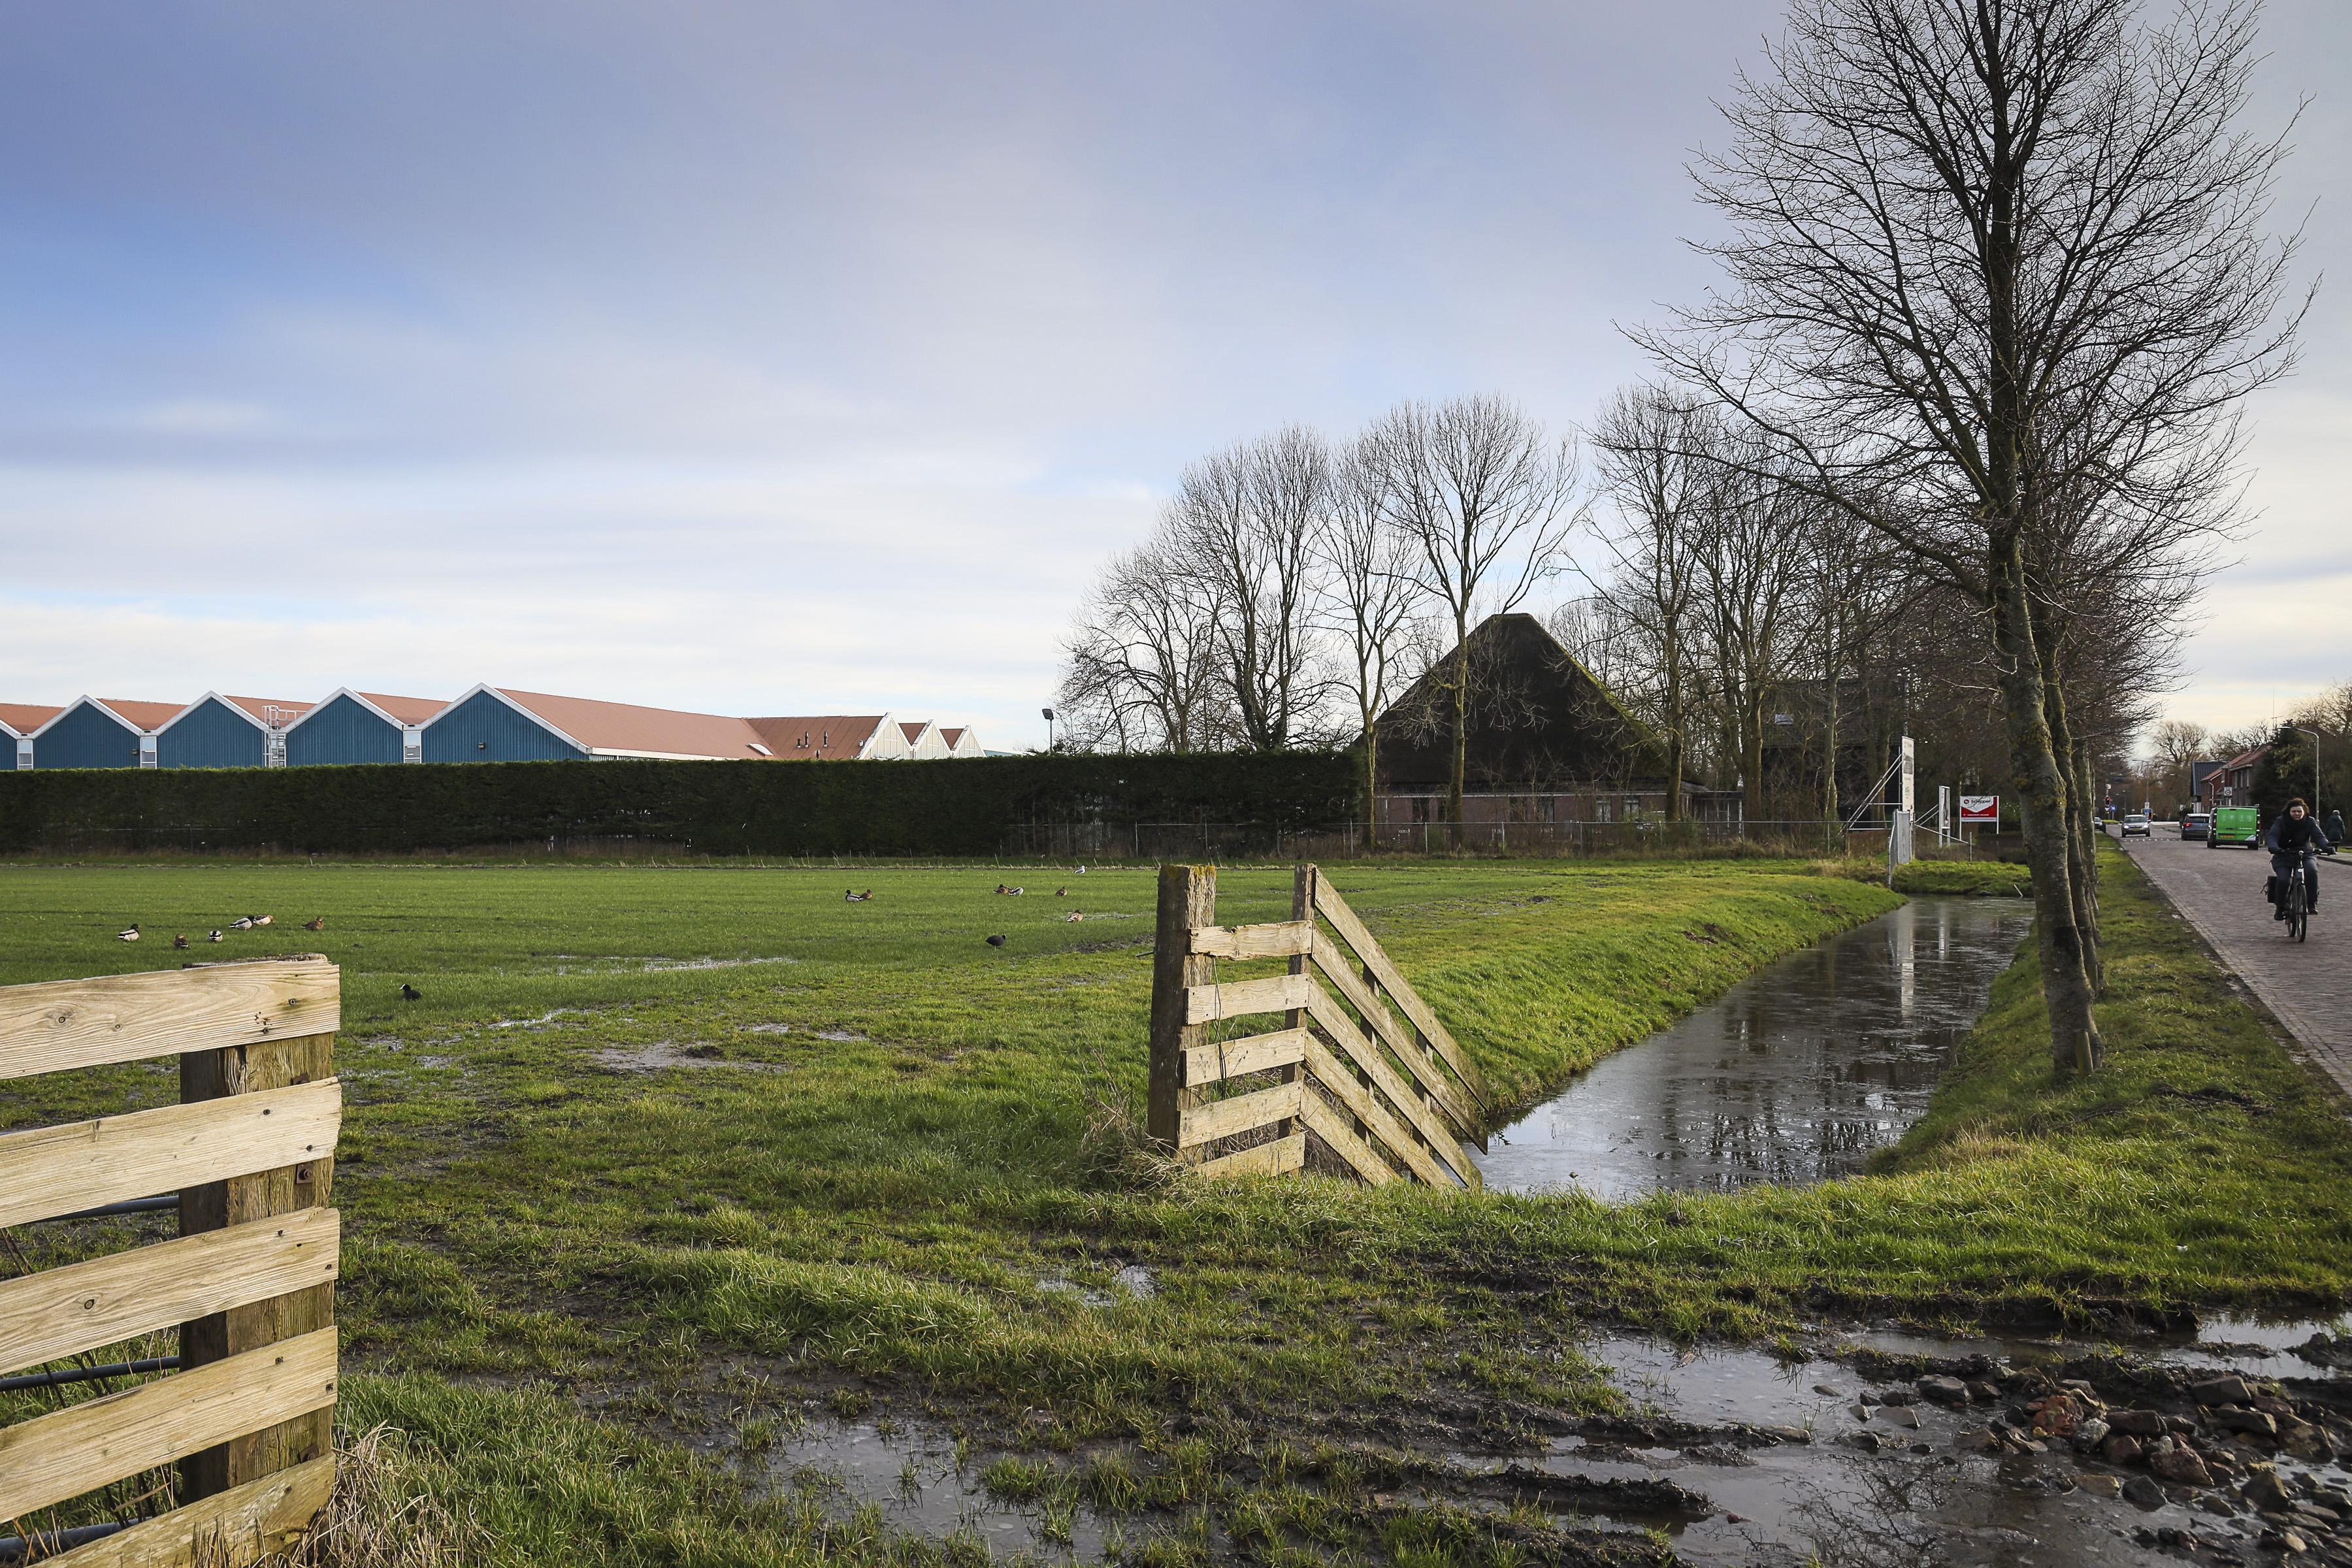 Voor 30.000 euro per jaar gaat de zon op. Zonneweide levert fors geld op, maar boeren zien addertjes onder het gras